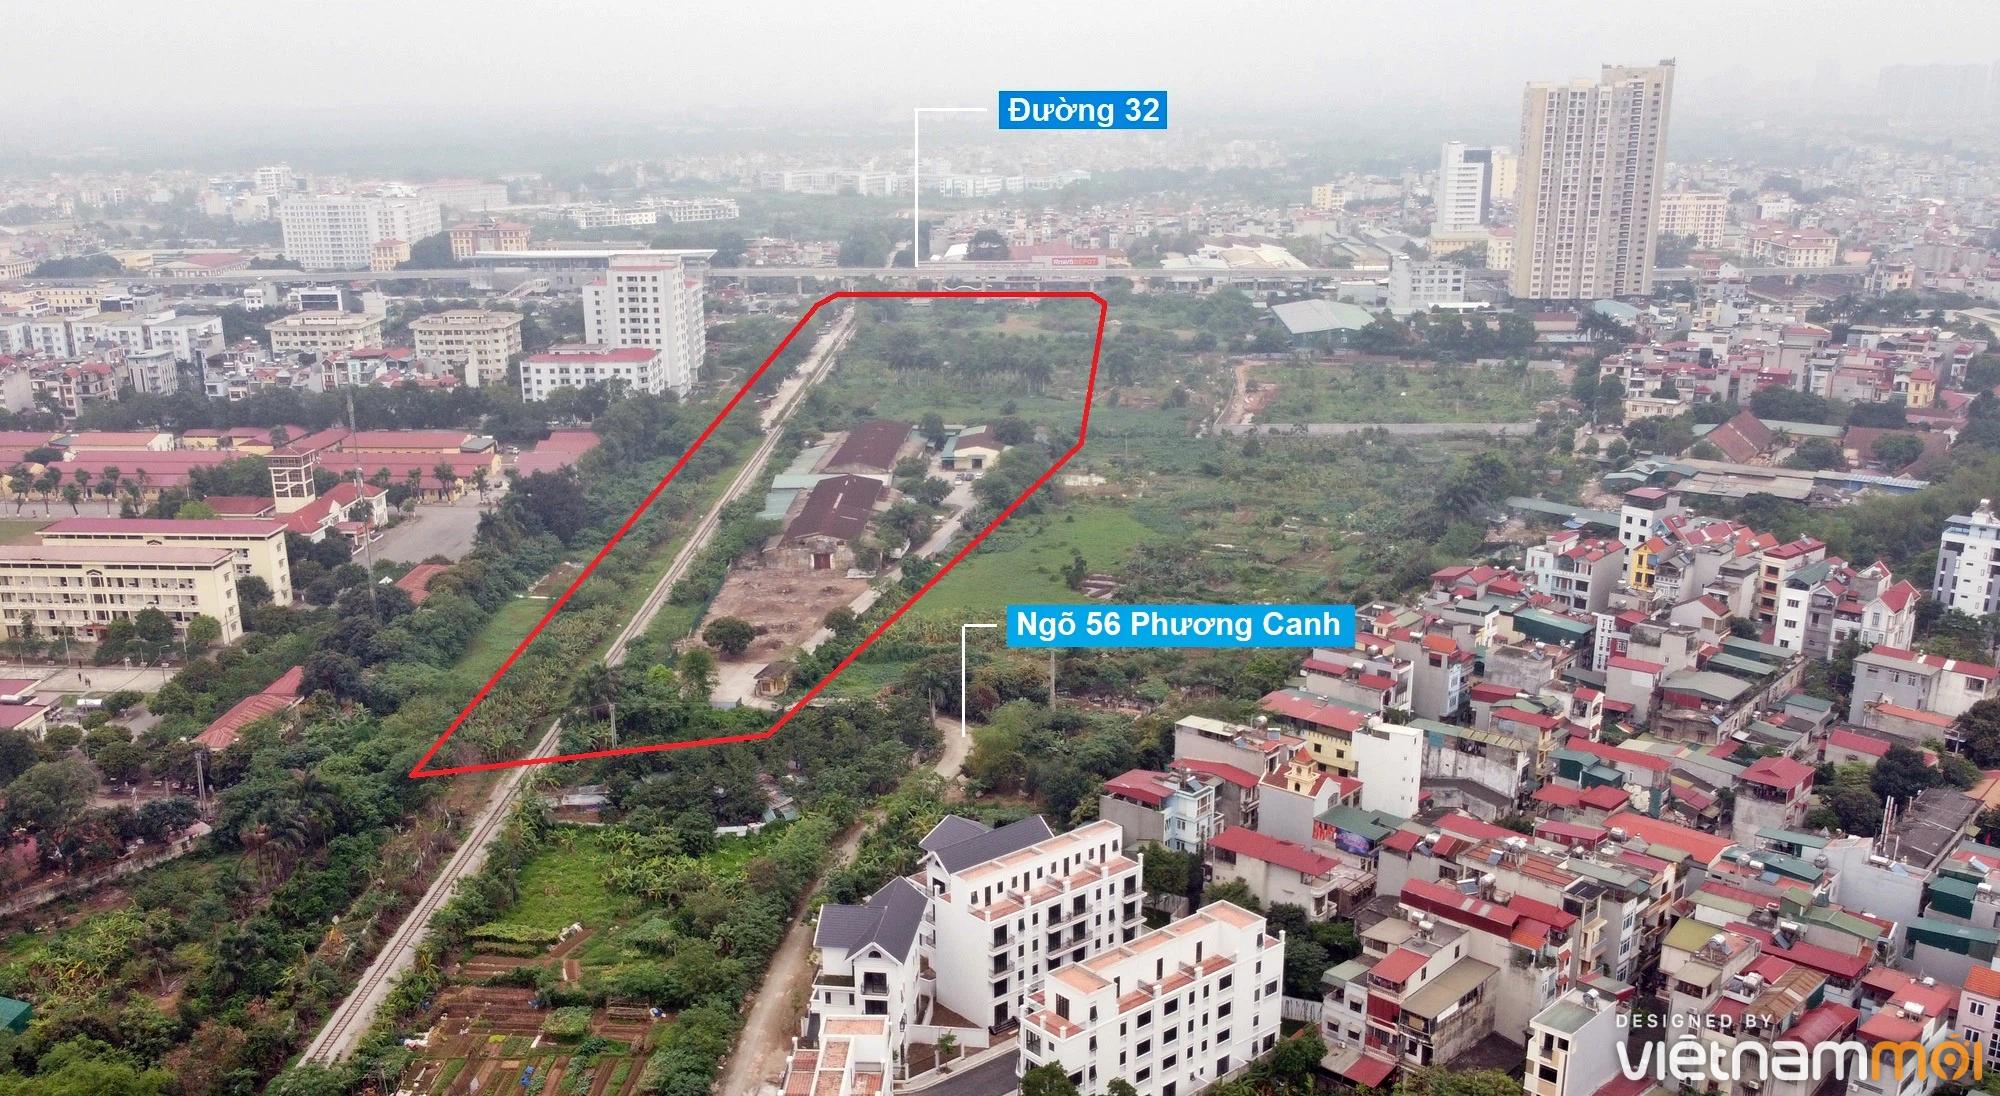 Những khu đất sắp thu hồi để mở đường ở phường Phúc Diễn, Bắc Từ Liêm, Hà Nội - Ảnh 12.